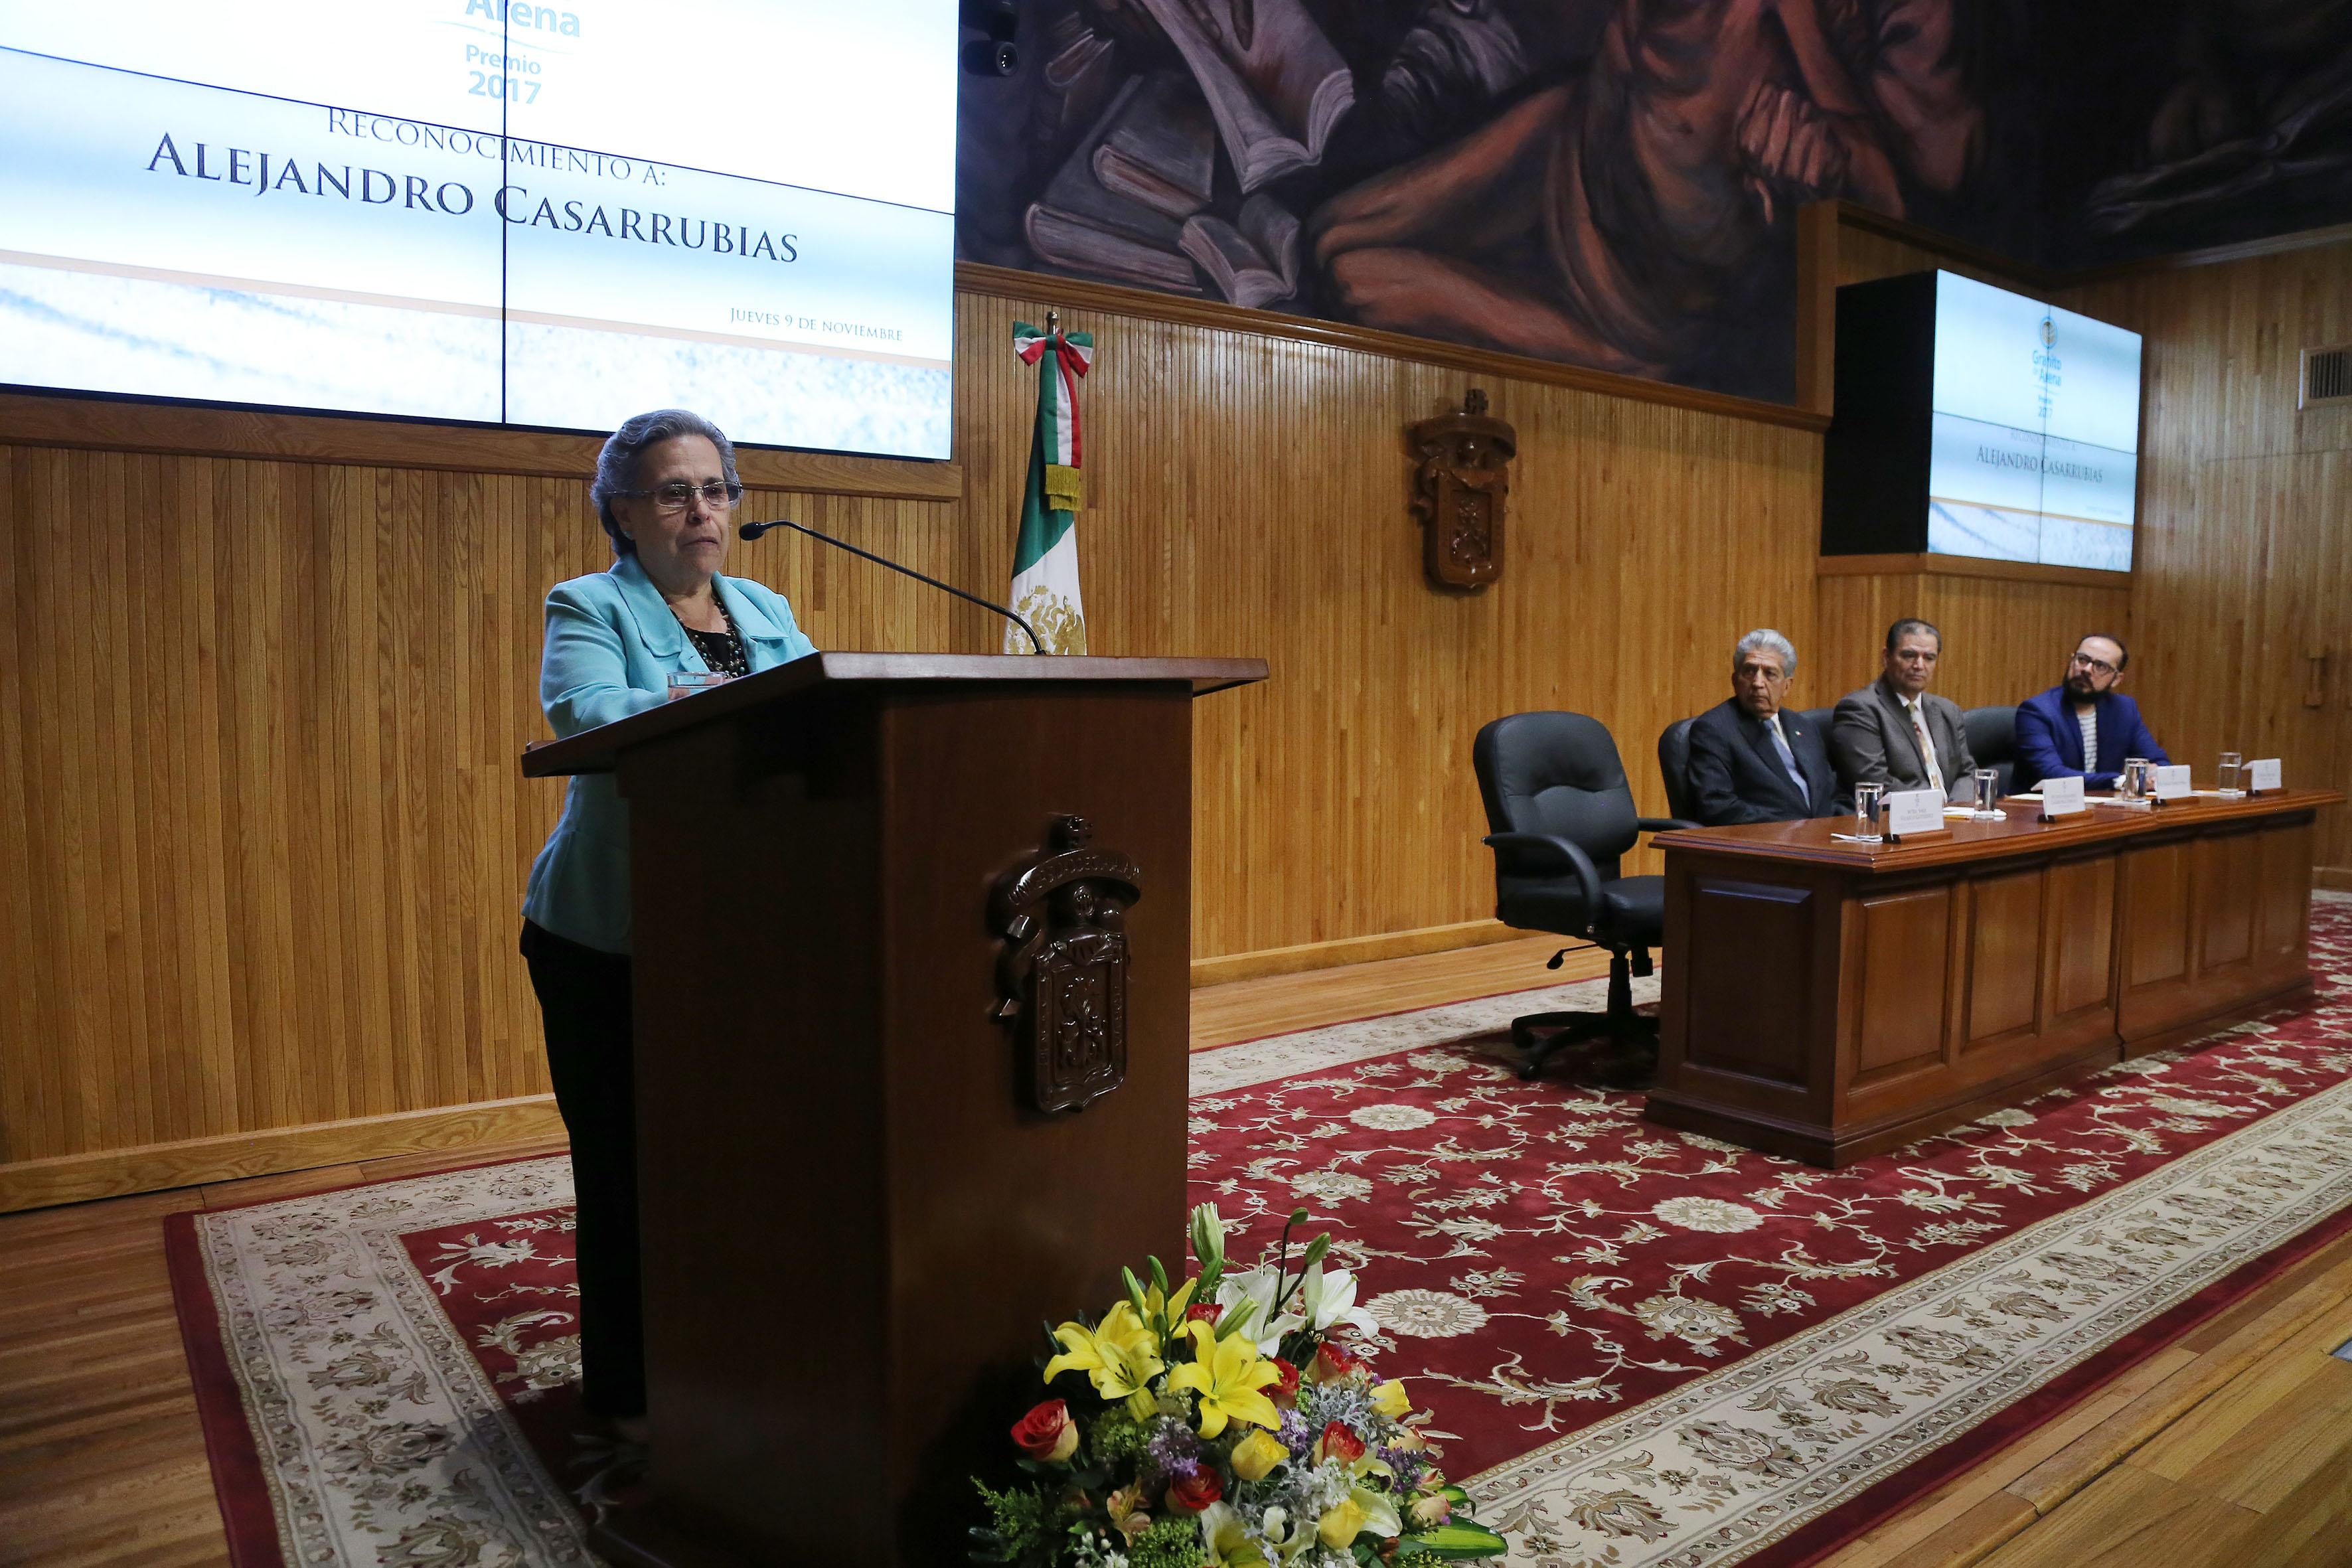 Mtra. Sara Velasco, miembro de la Comisión de Fomento al Libro y la Lectura de Jalisco y de la Benemérita Sociedad de Geografía y Estadística del Estado, haciendo uso de la palabra